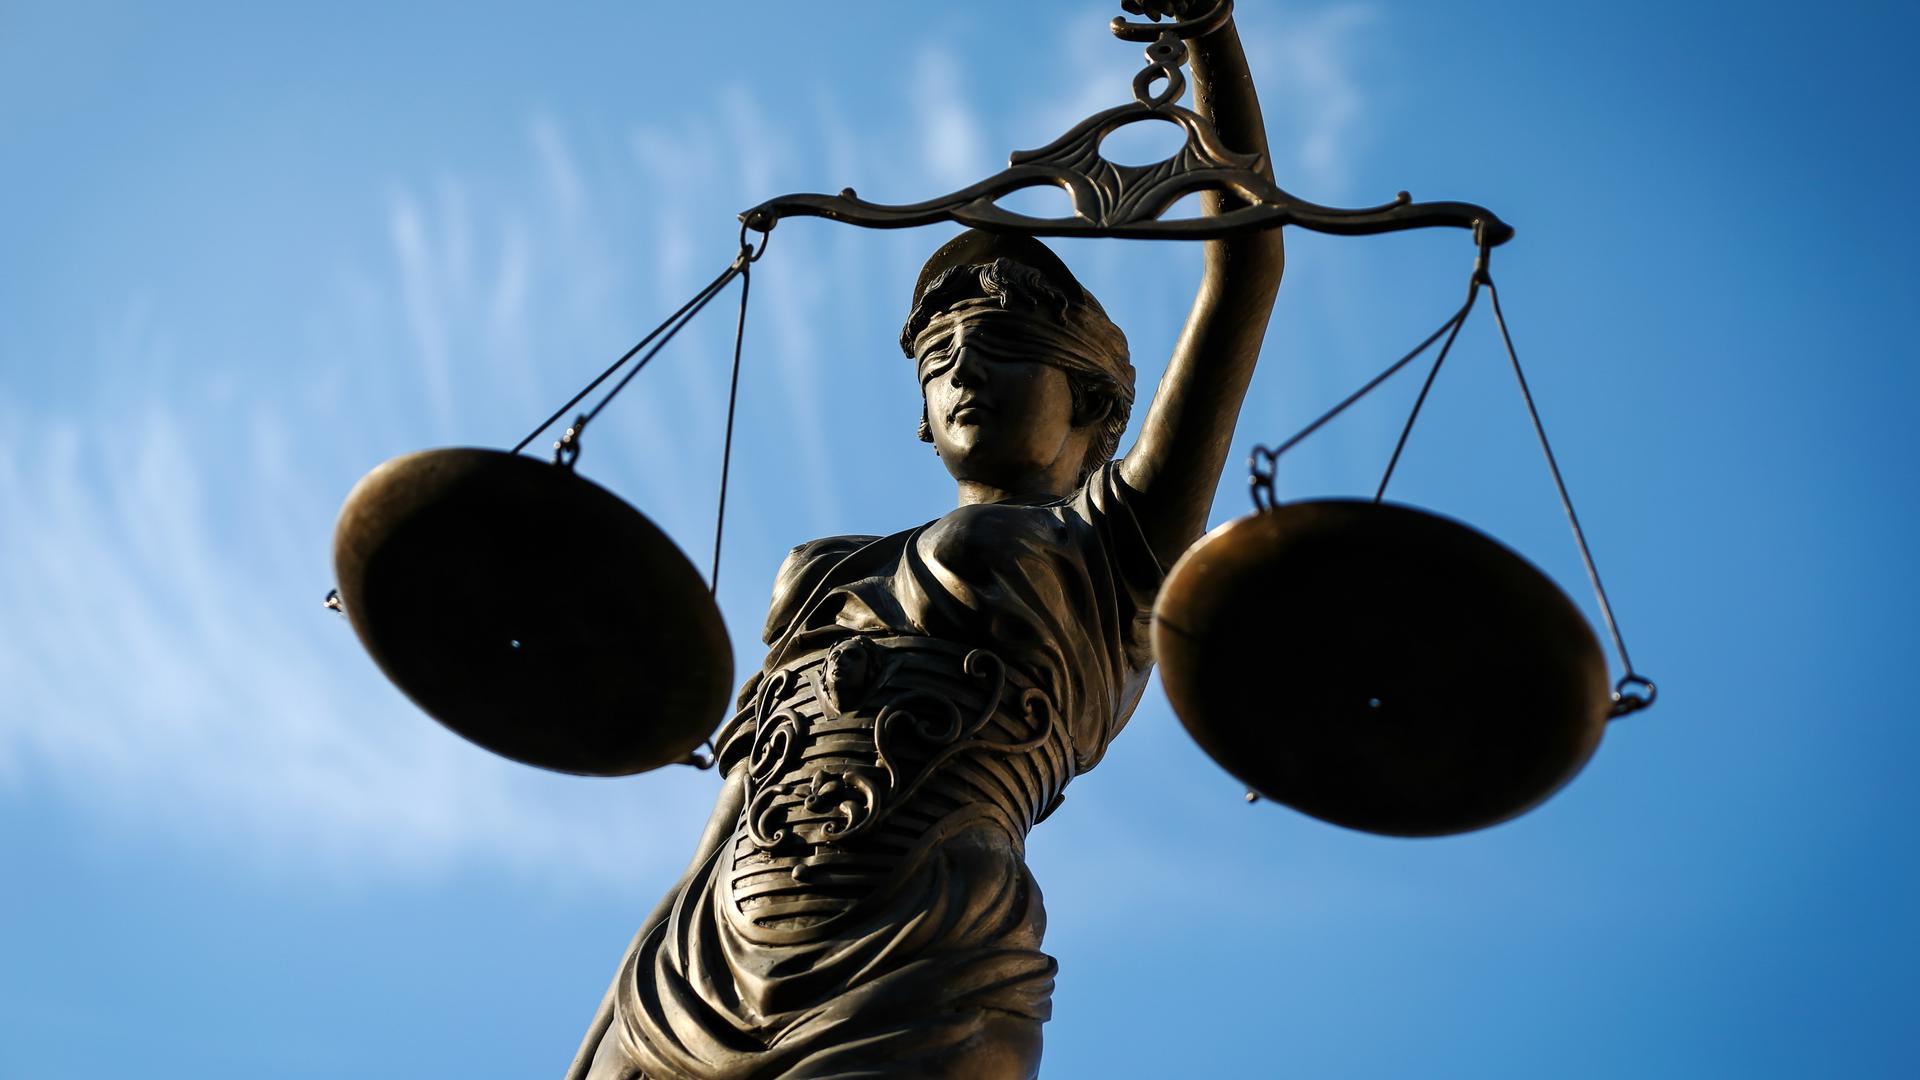 ARCHIV - 09.09.2014, Bayern, Bamberg: Eine Statue der Justitia hält eine Waage in ihrer Hand. (zu dpa «Politik ohne Respekt vor der Justiz? Fall Sami A. löst Debatte aus» vom 16.08.2018) Foto: David-Wolfgang Ebener/dpa +++ dpa-Bildfunk +++